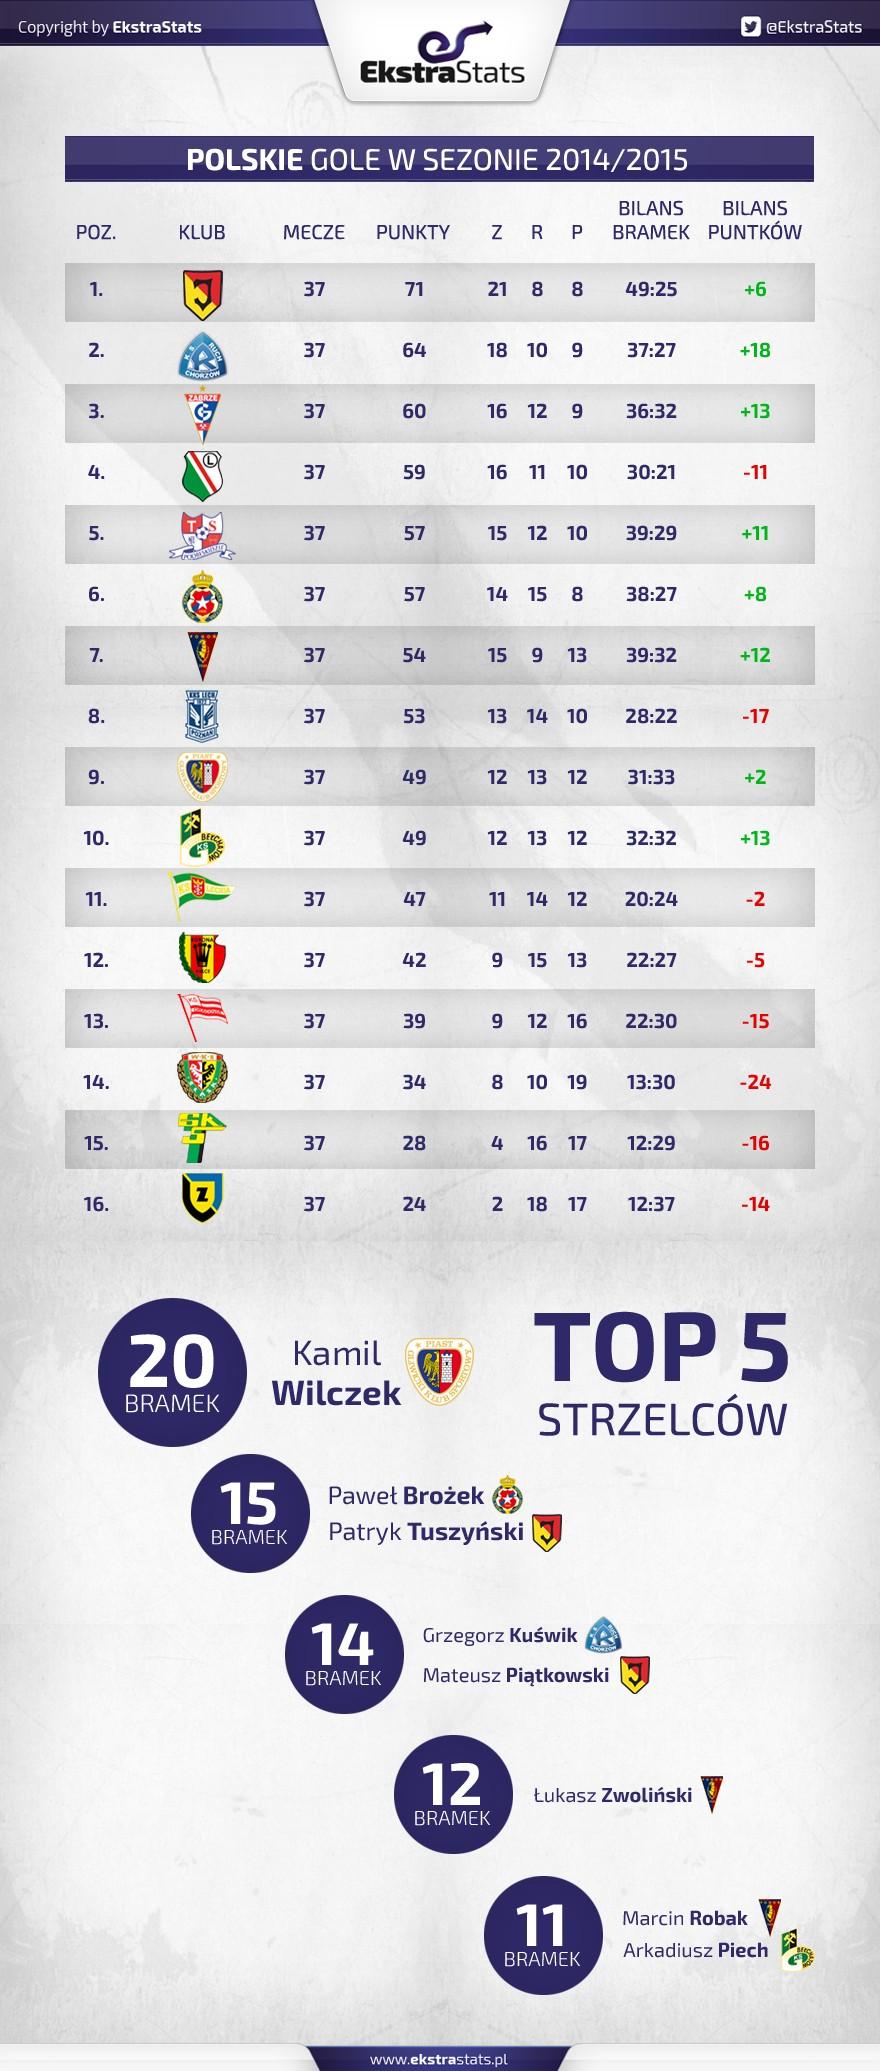 tabela_polacy_2014-15